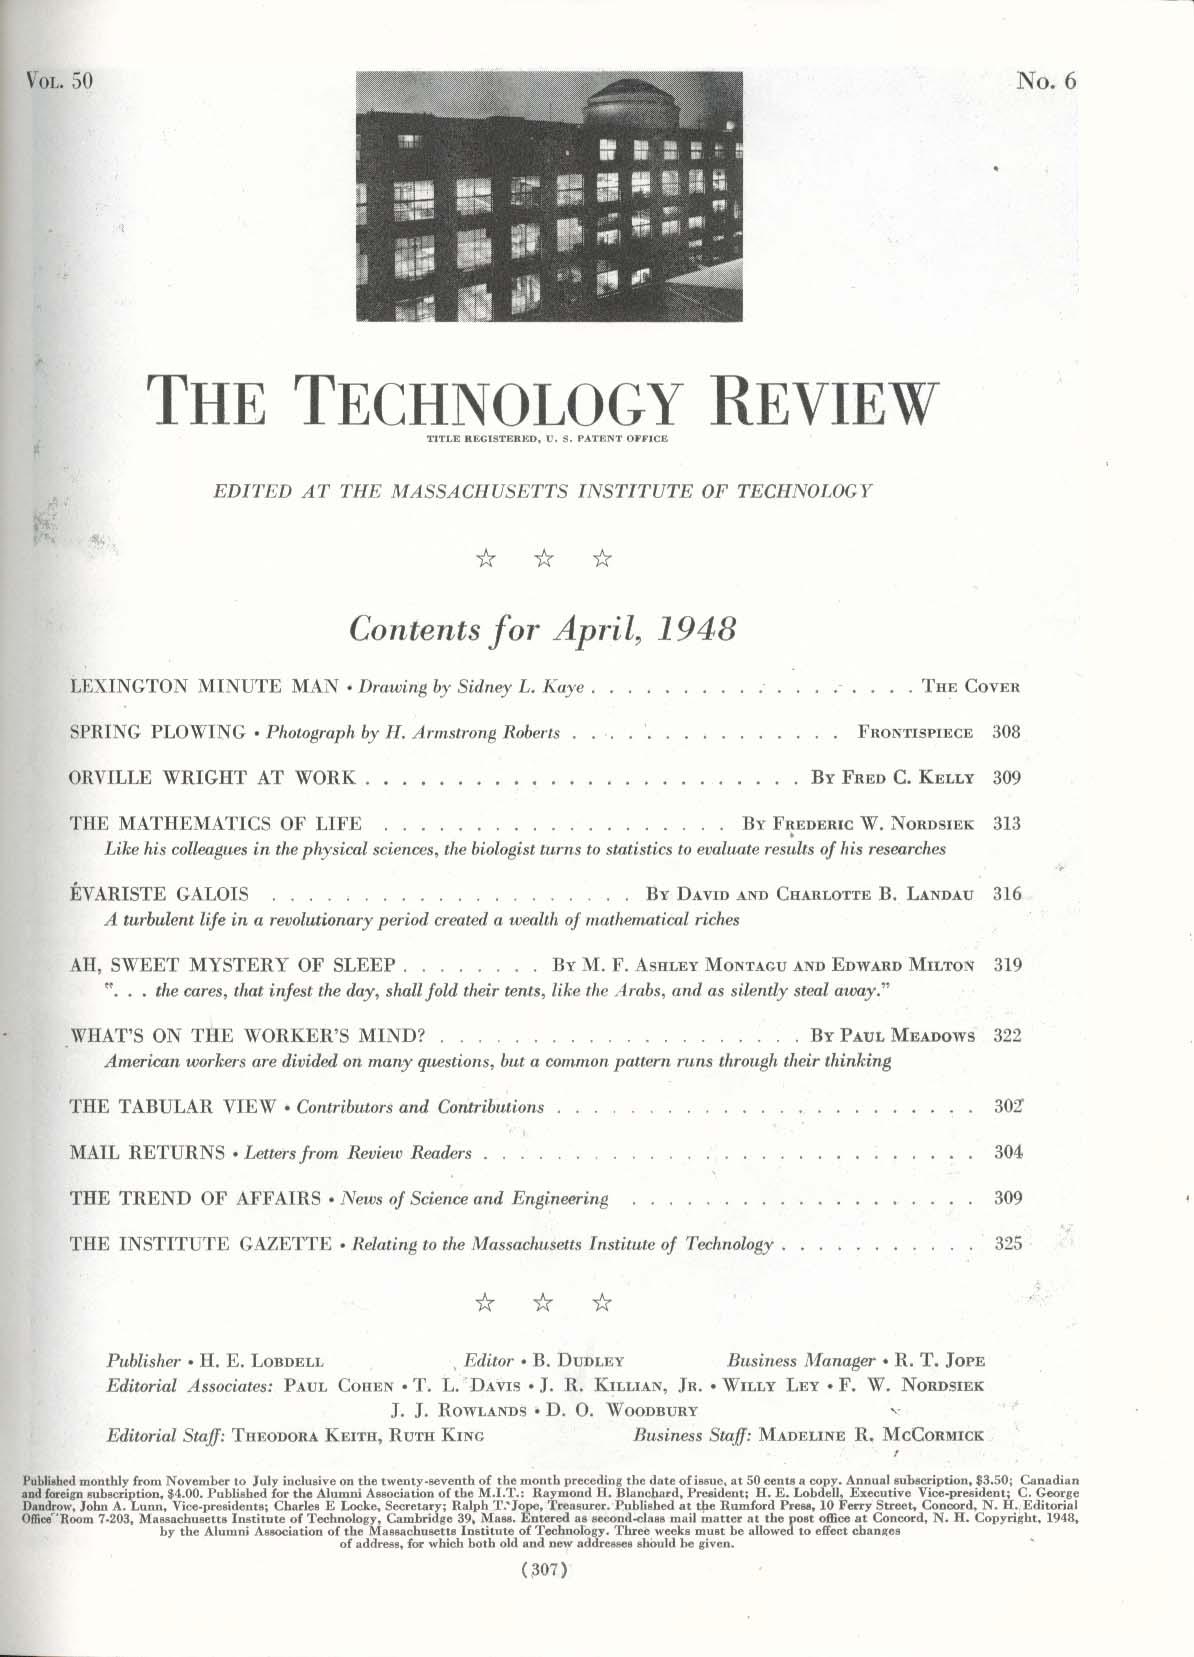 Image for TECHNOLOGY REVIEW Orville Wright Evariste Galois Frederick Nordsiek ++ 4 1948